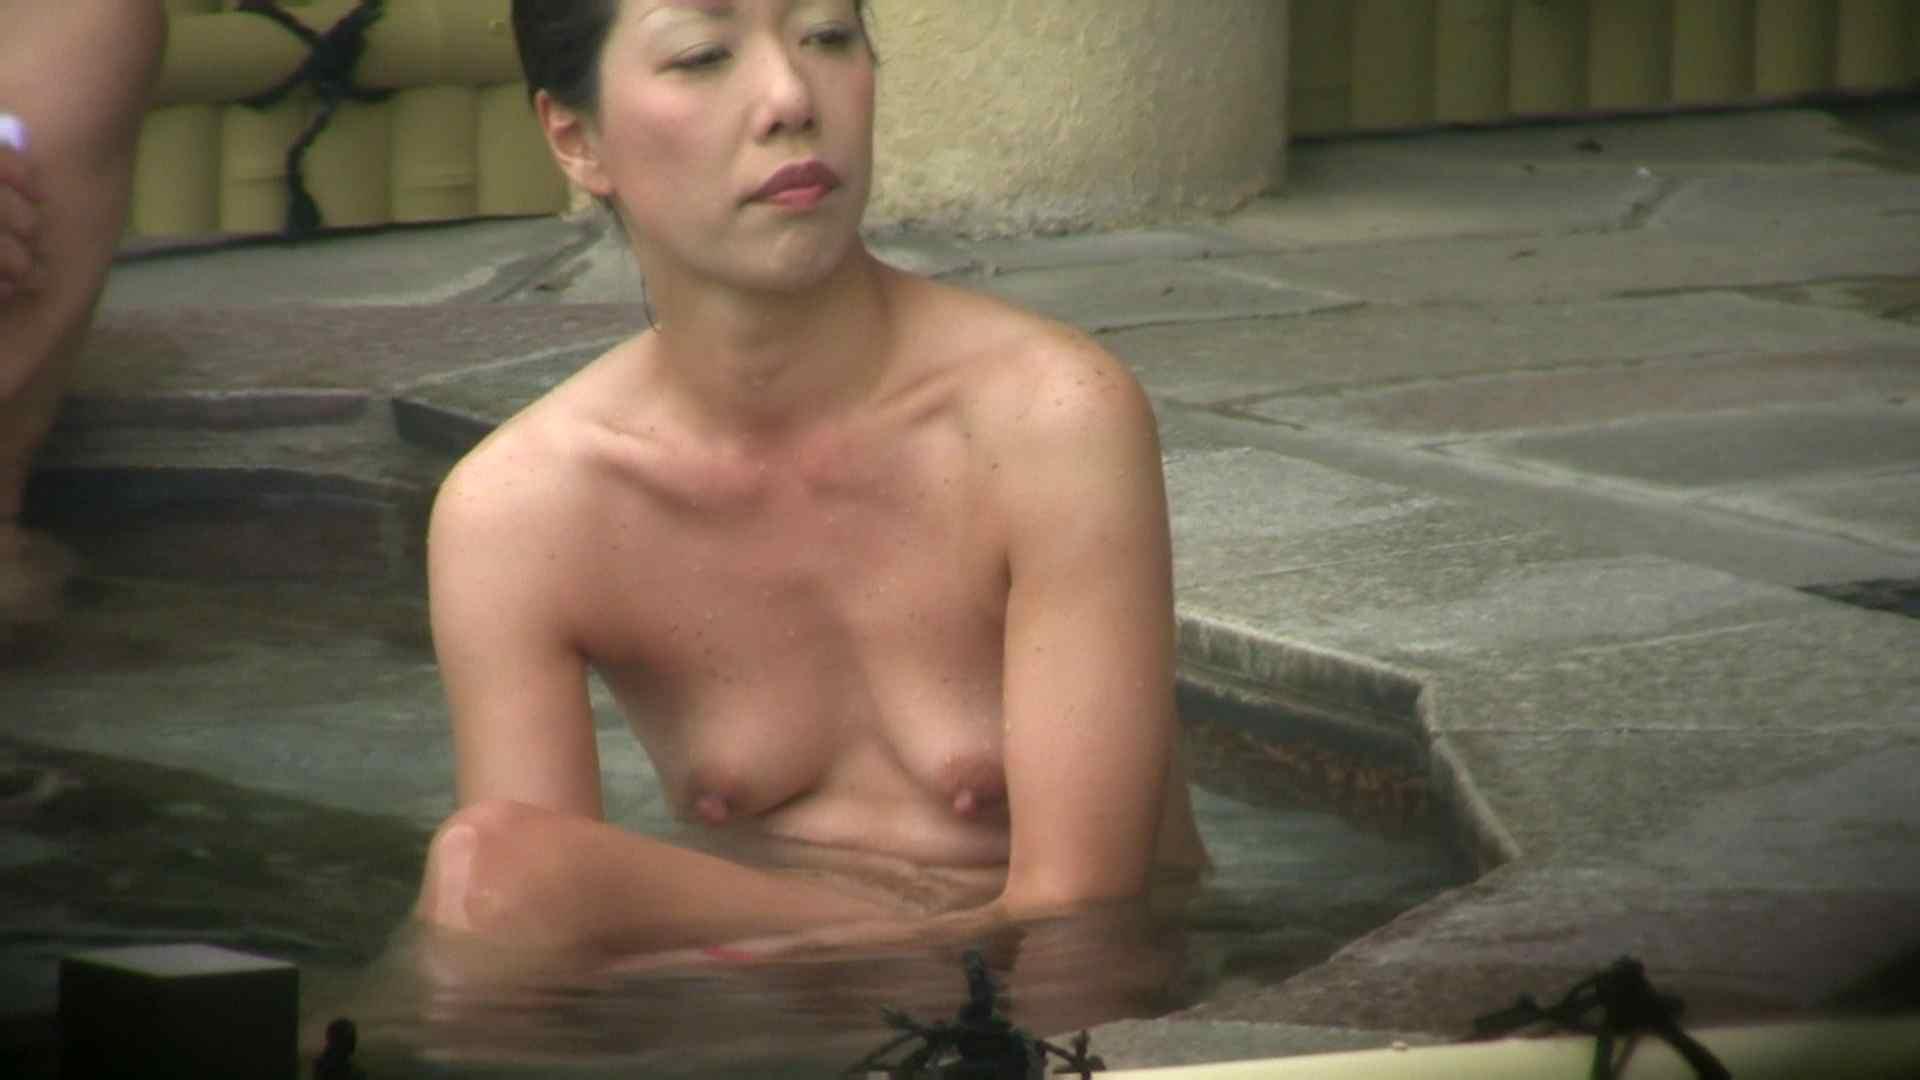 高画質露天女風呂観察 vol.036 高画質 | 女風呂  85pic 21